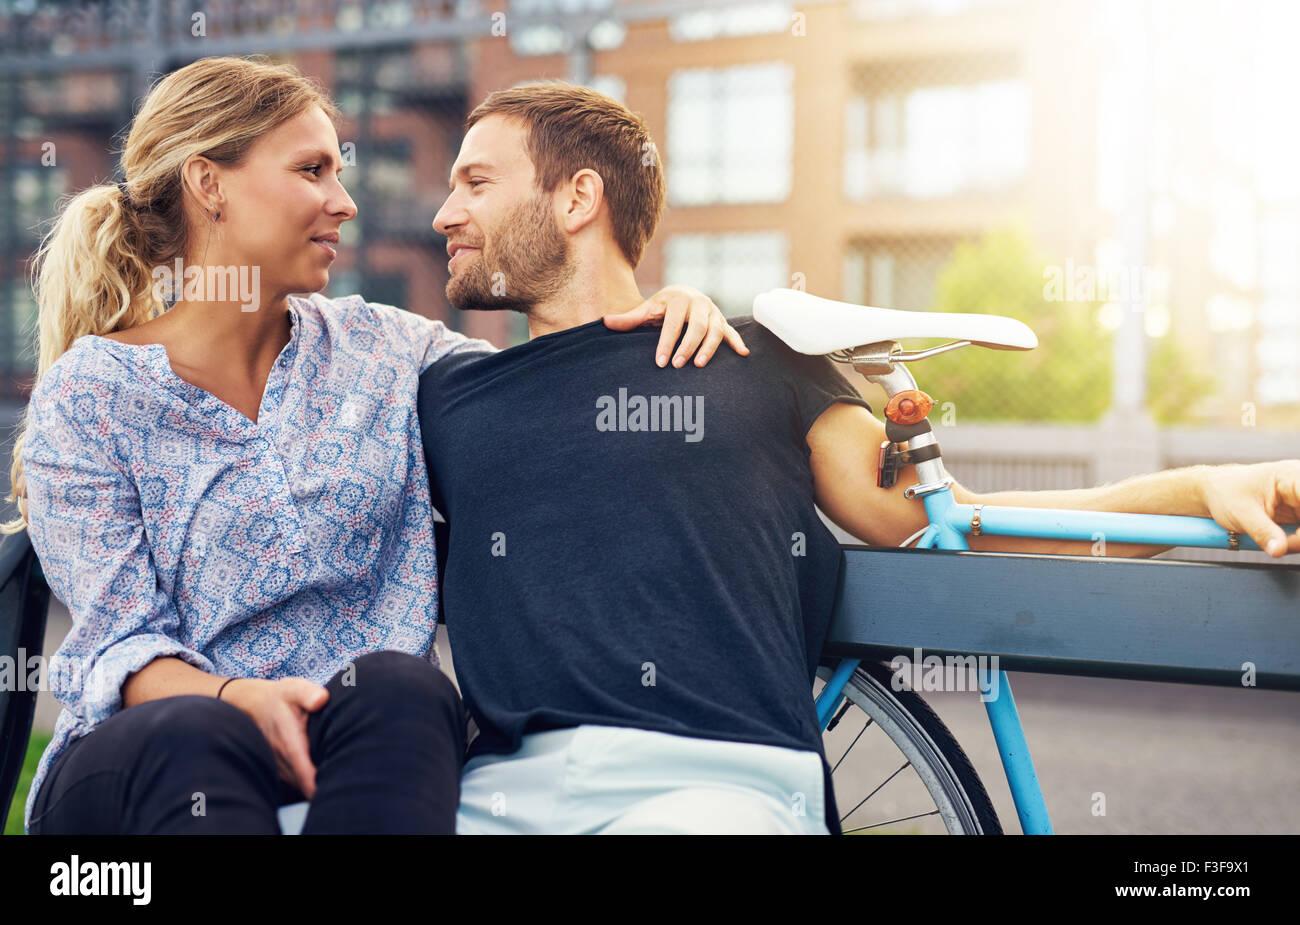 Paar sitzt auf der Bank in der Stadt Umgebung Stockbild